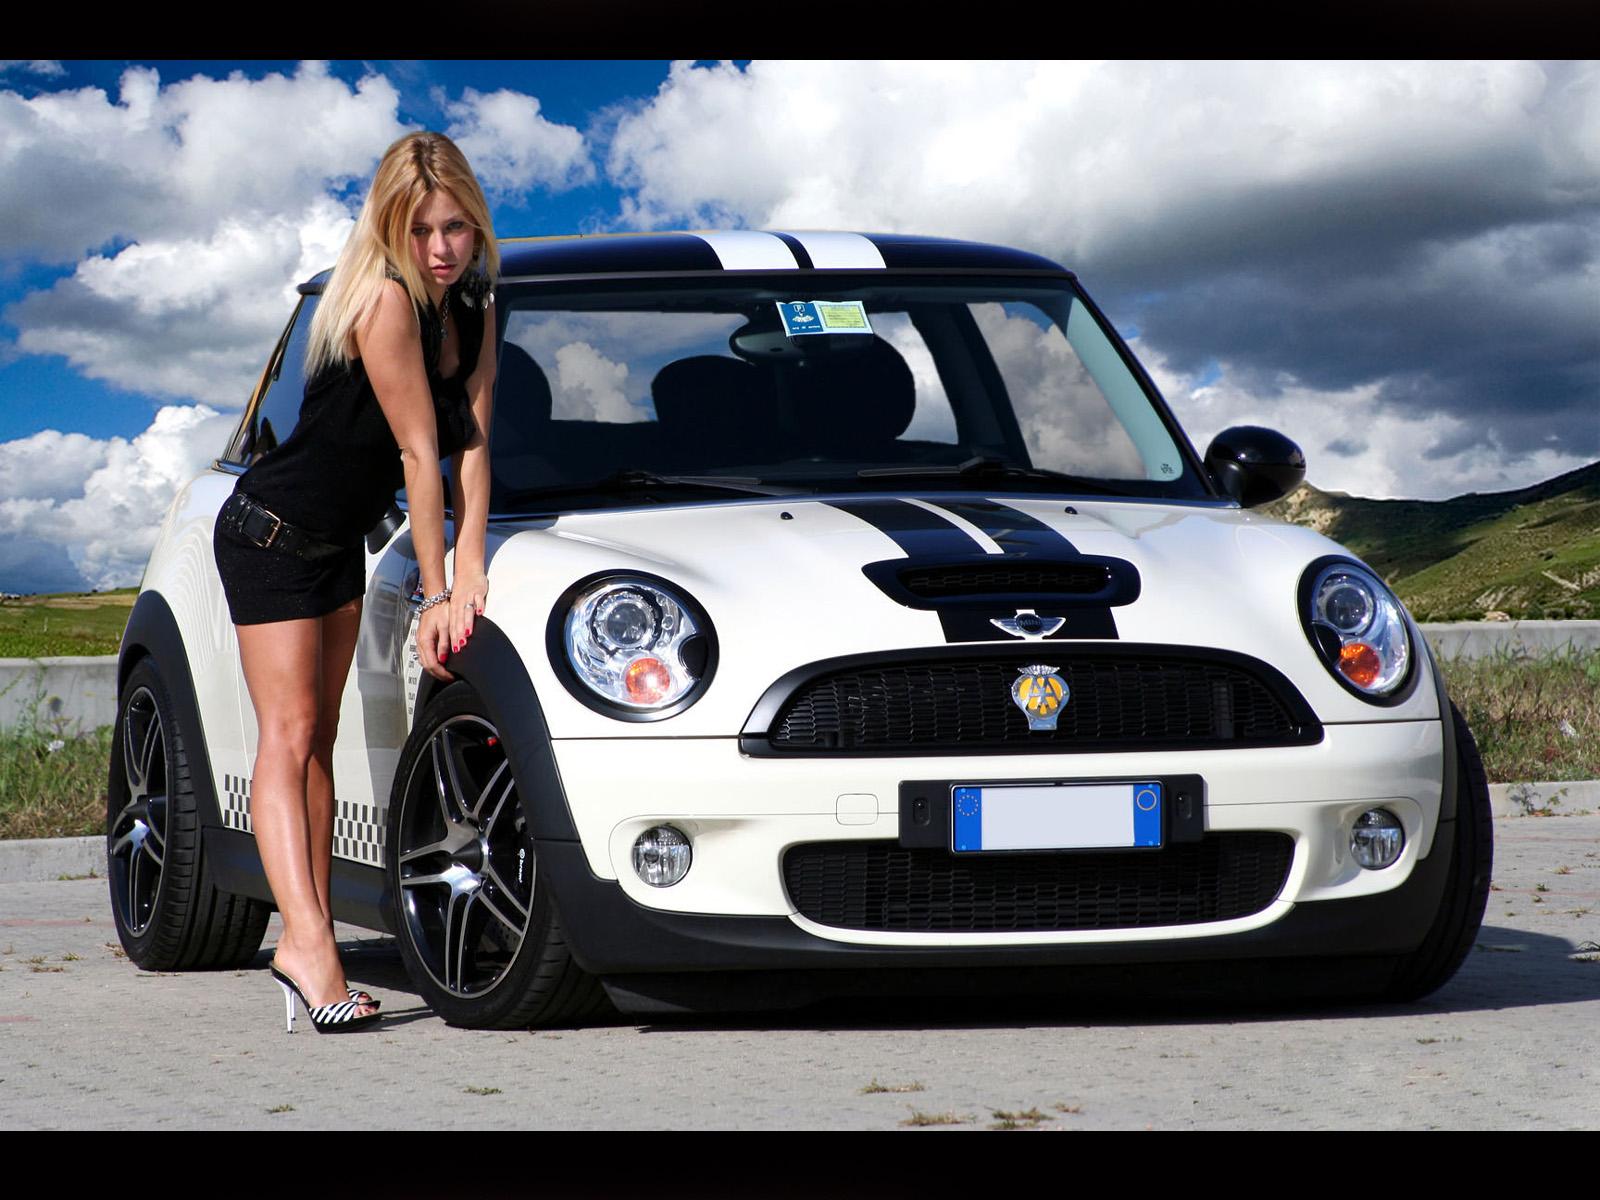 Pictures Download Hq Mini Bikini Girls Cars Wallpaper 1600x1200 Car 1600x1200